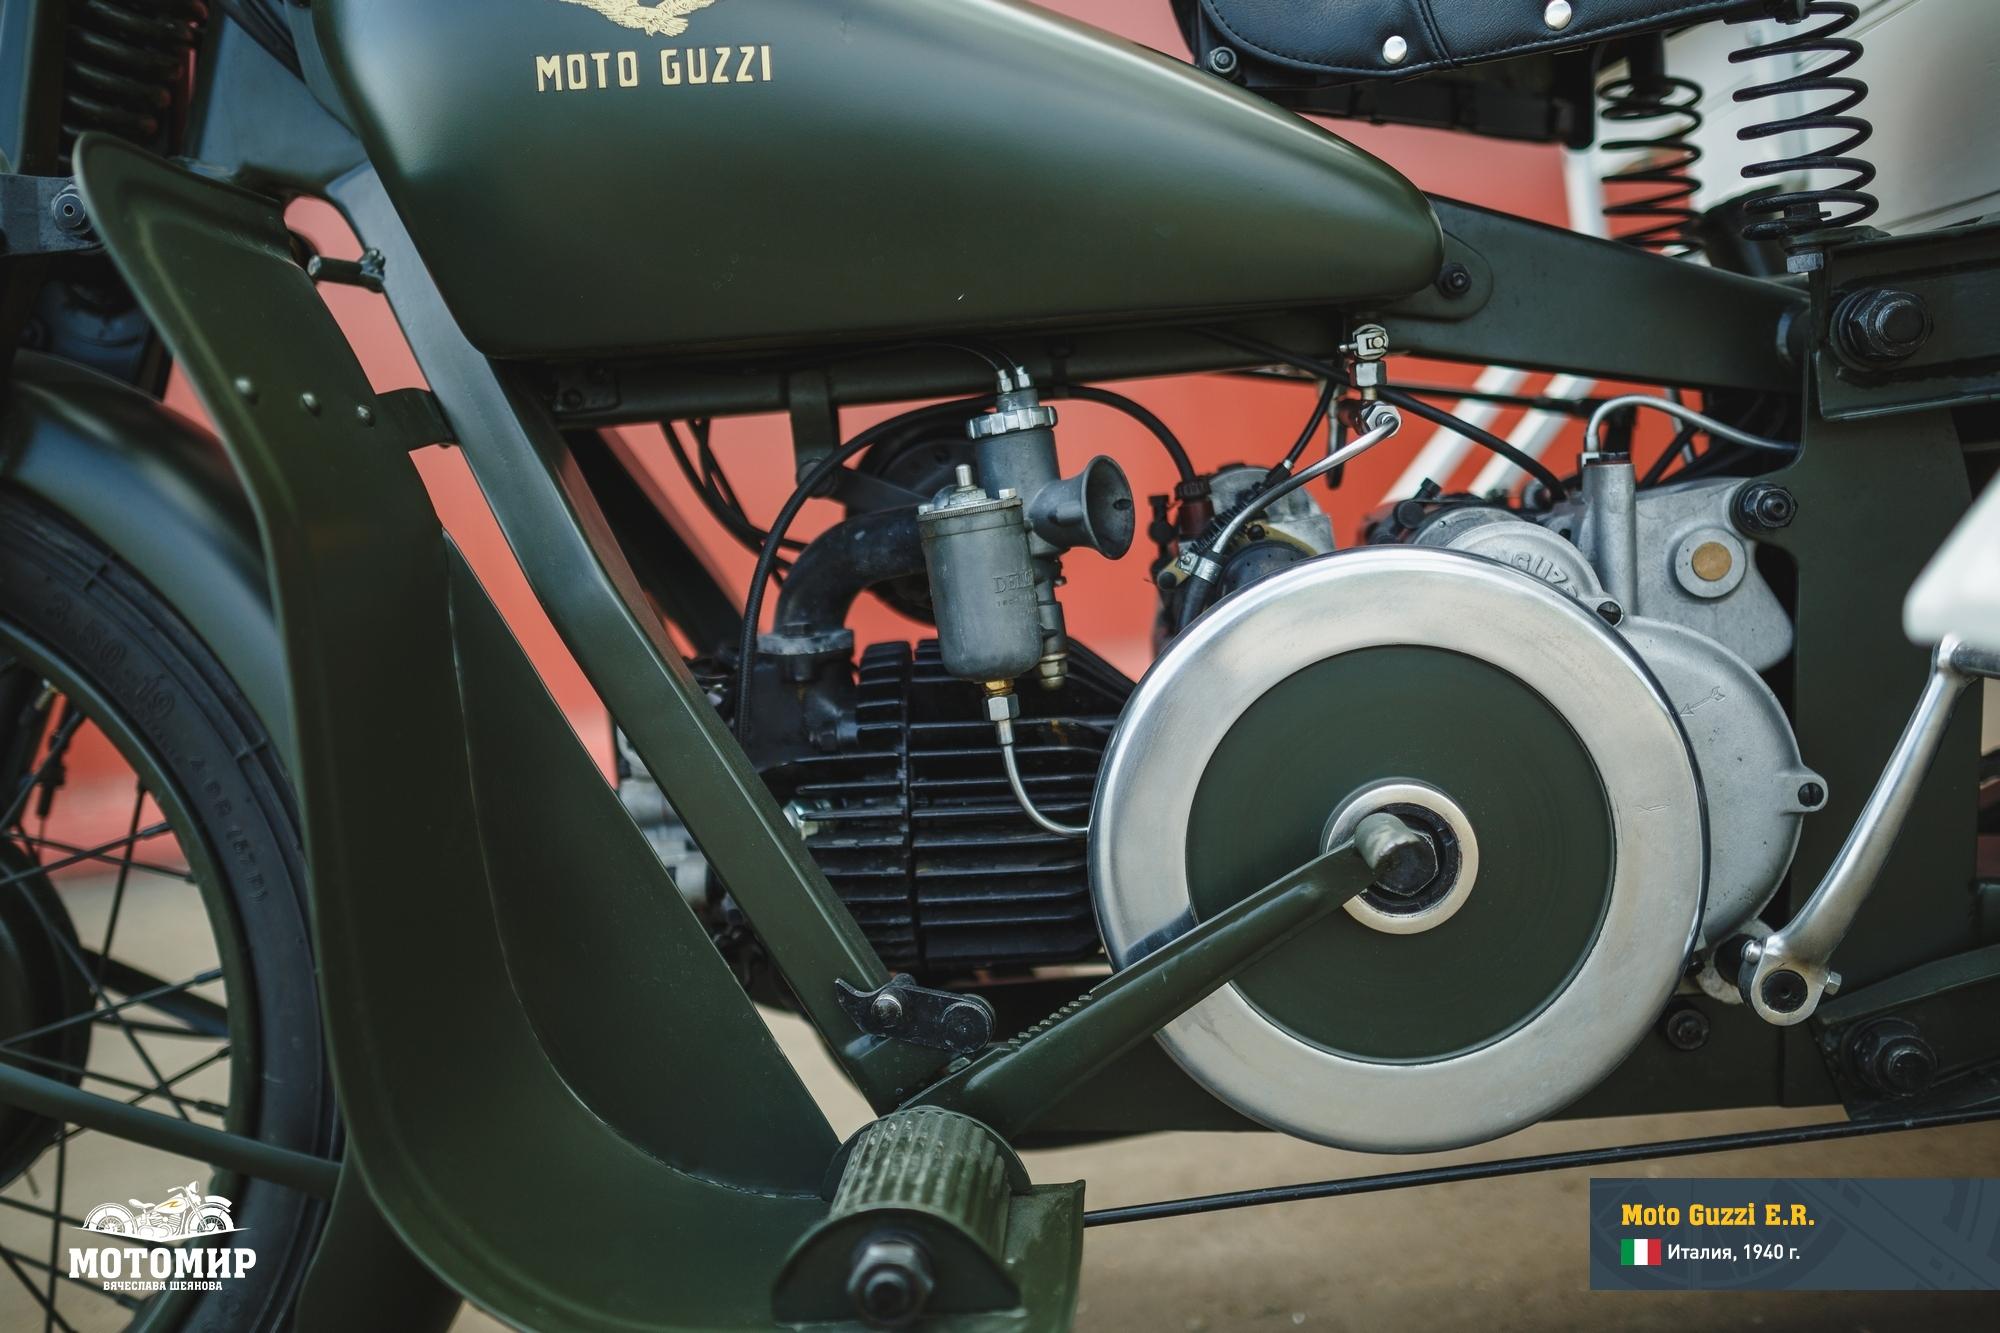 moto-guzzi-er-201508-web-23